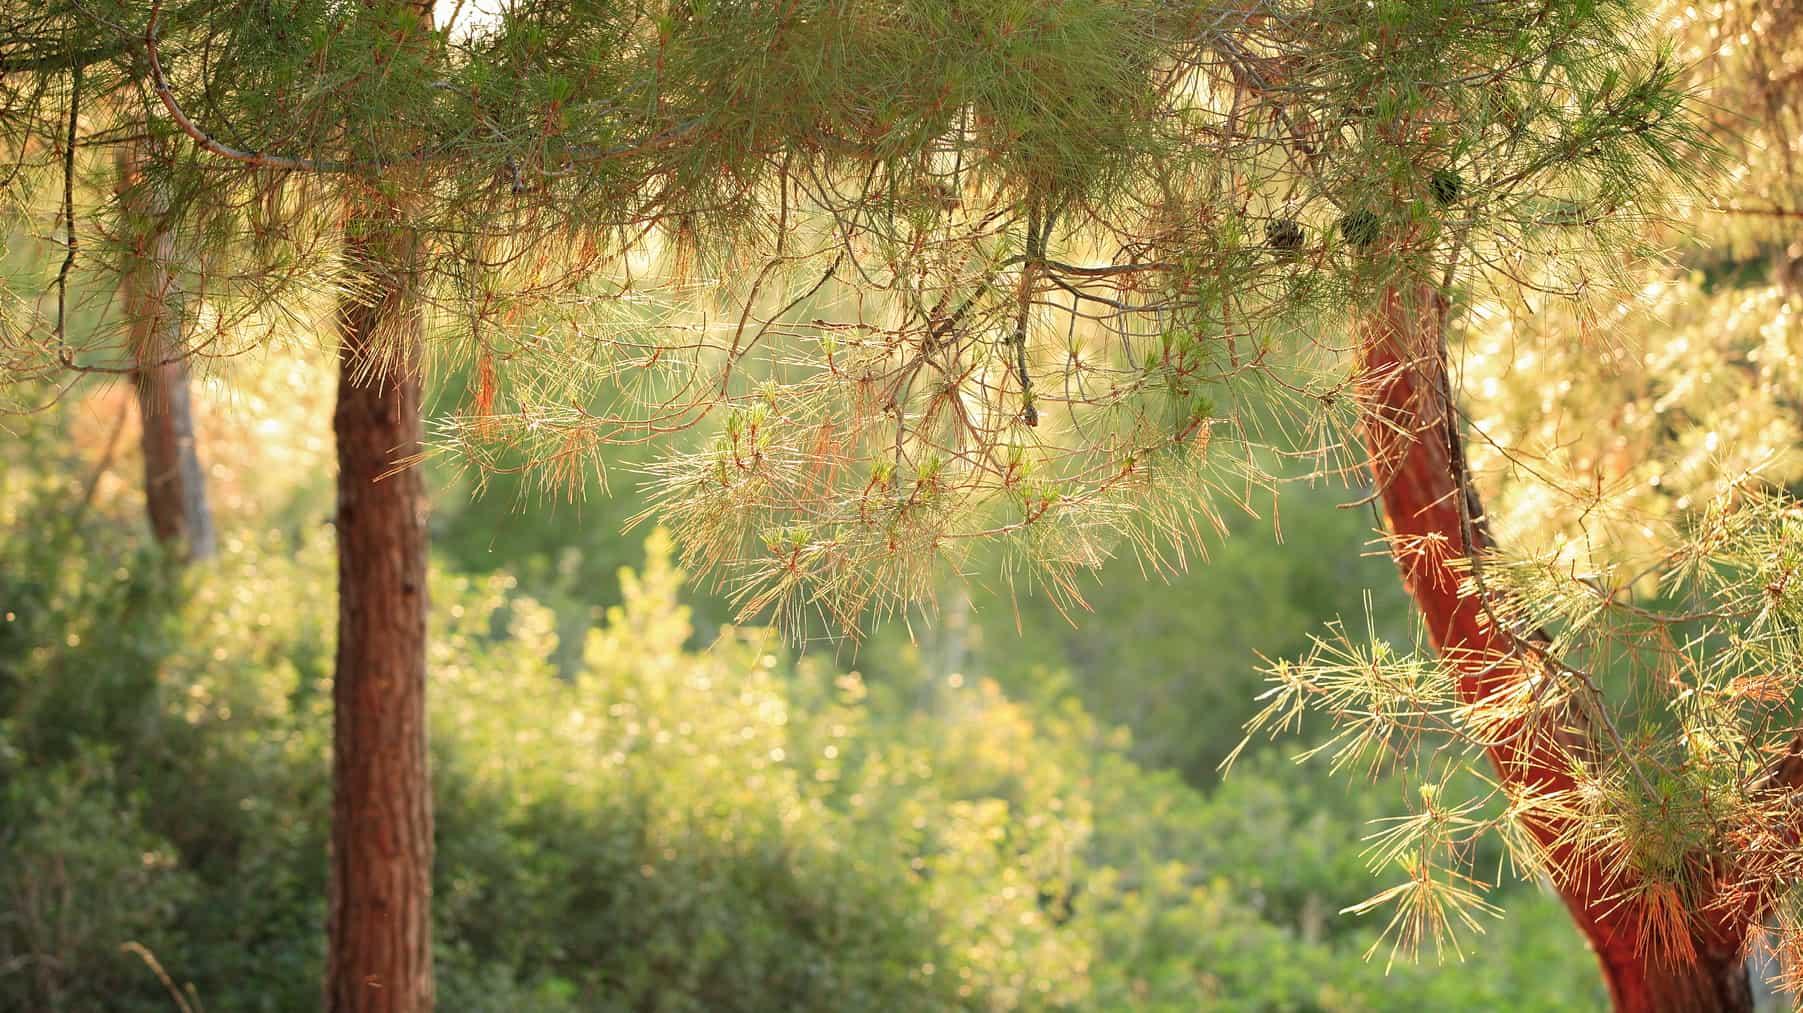 SIKYON_COAST_PEFKIAS_FOREST_4